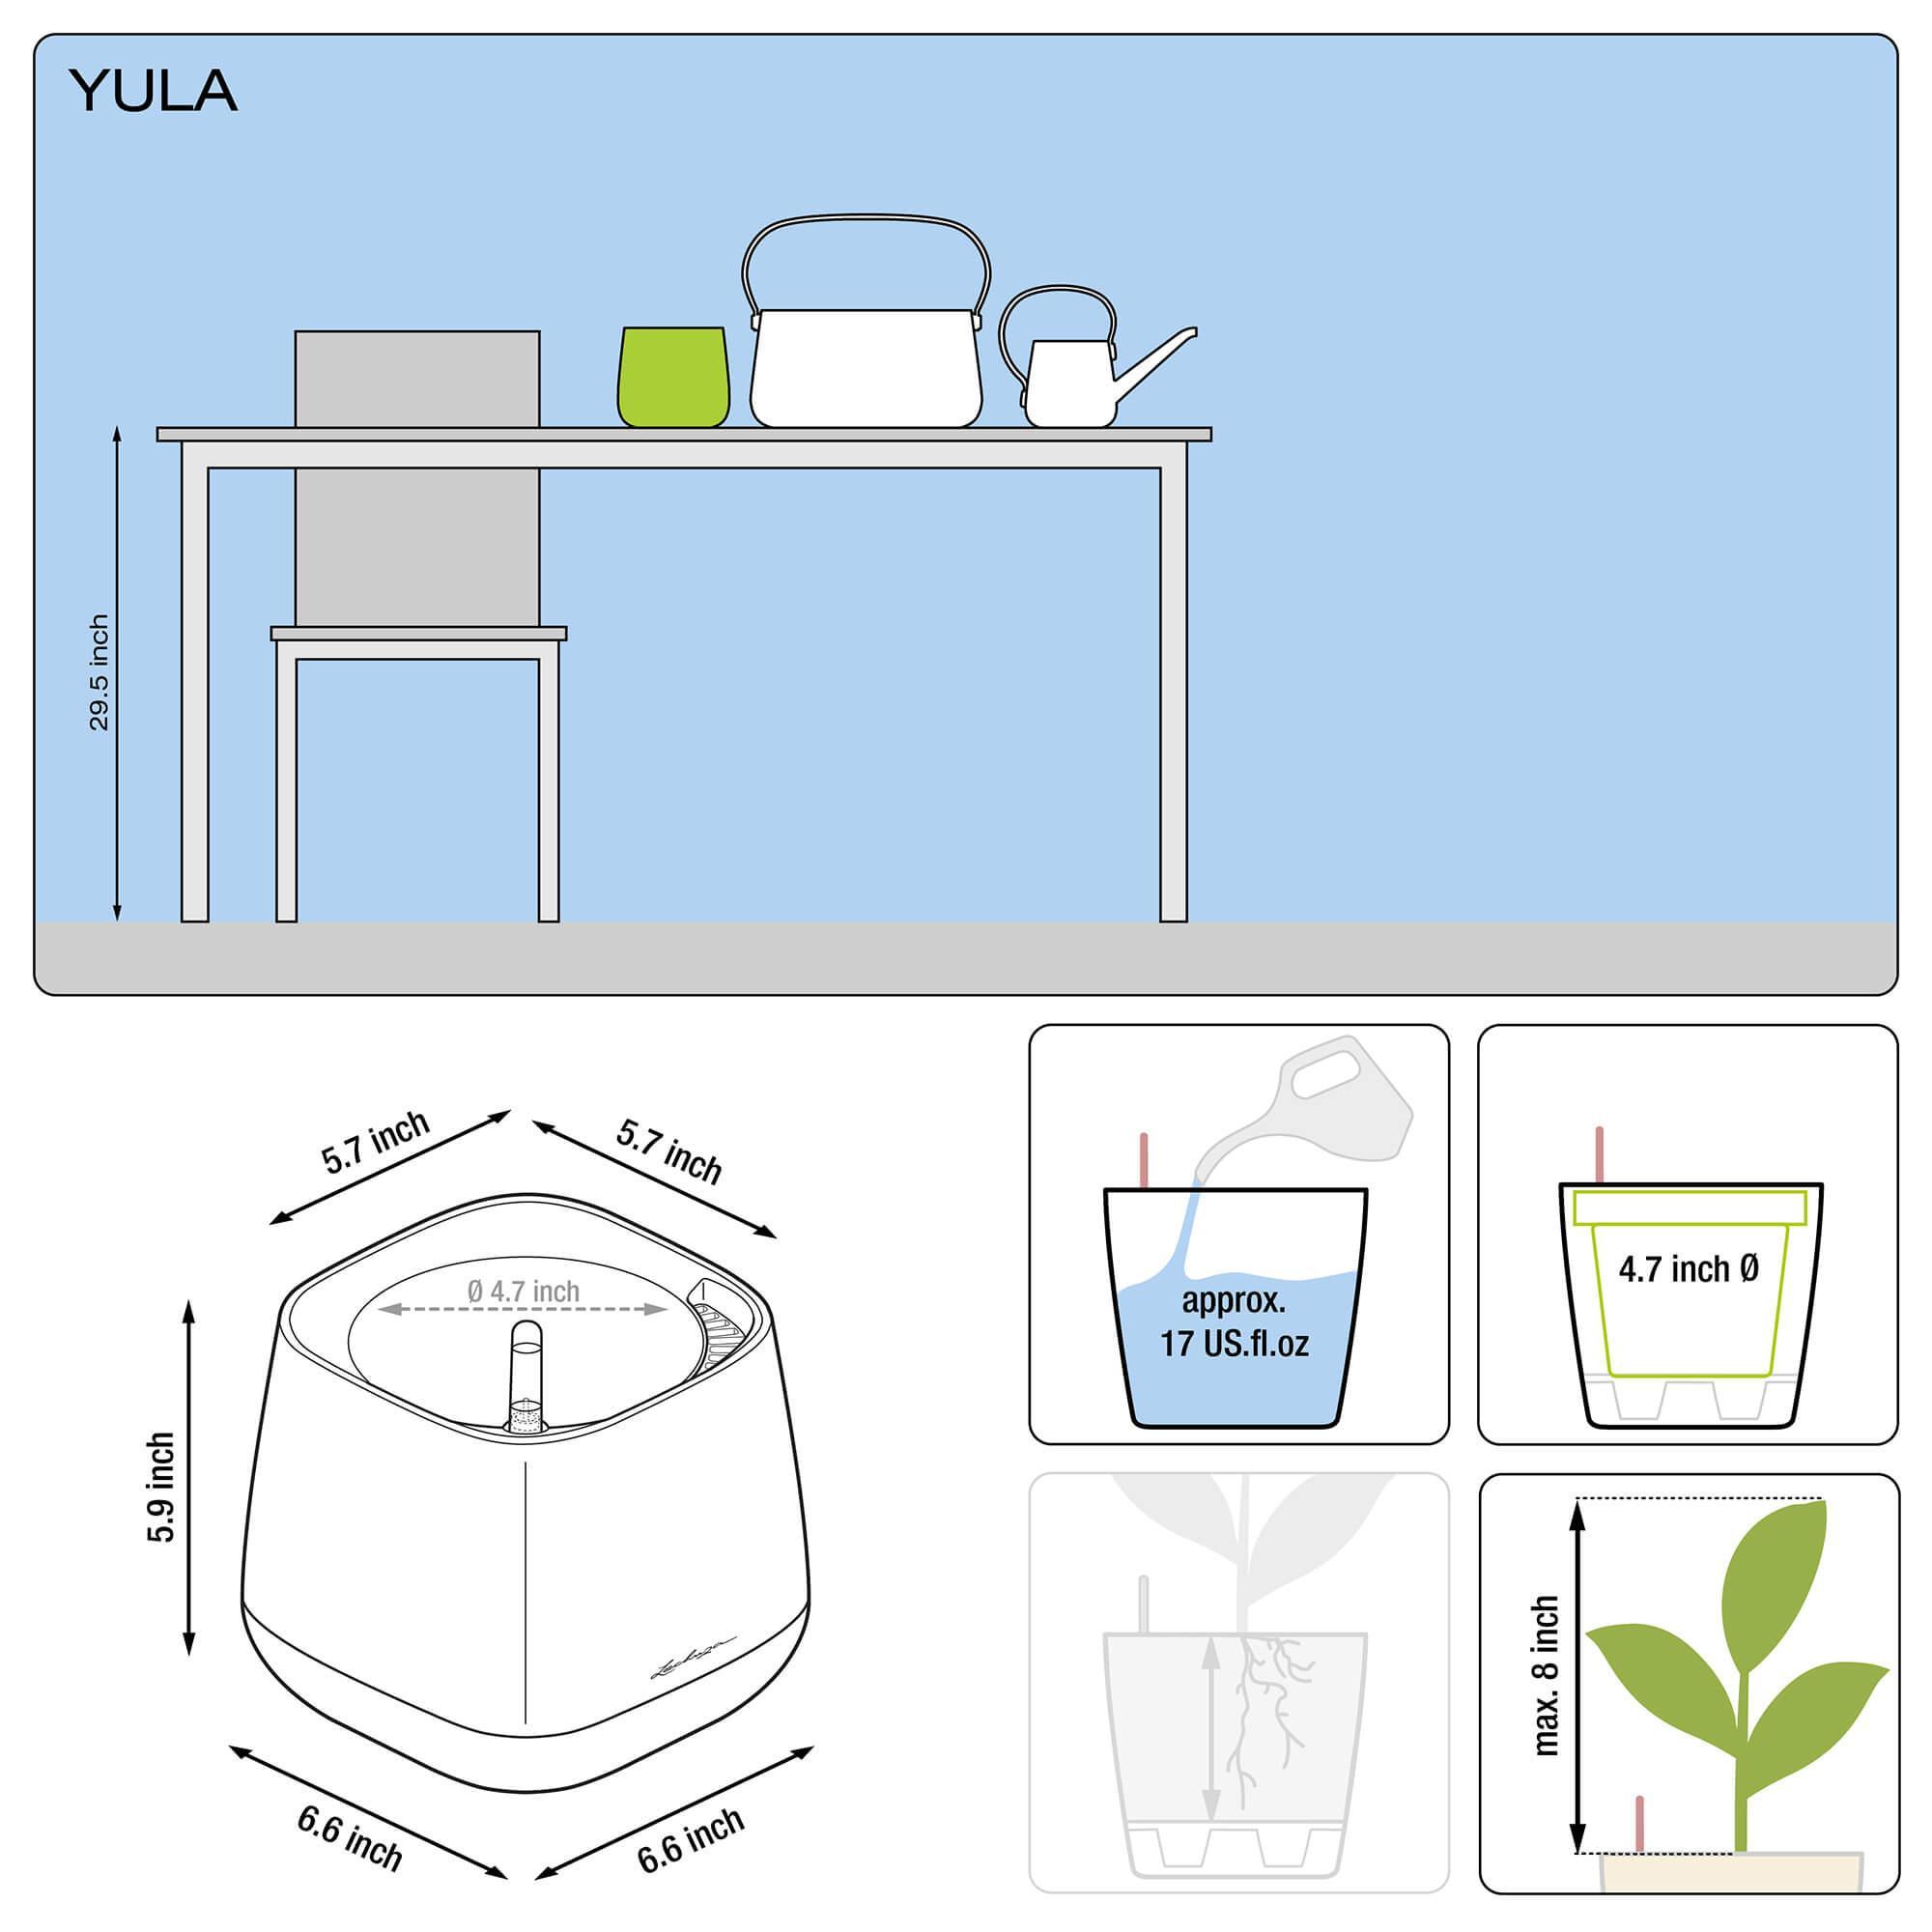 le_yula-pflanzgefaess_product_addi_nz_us